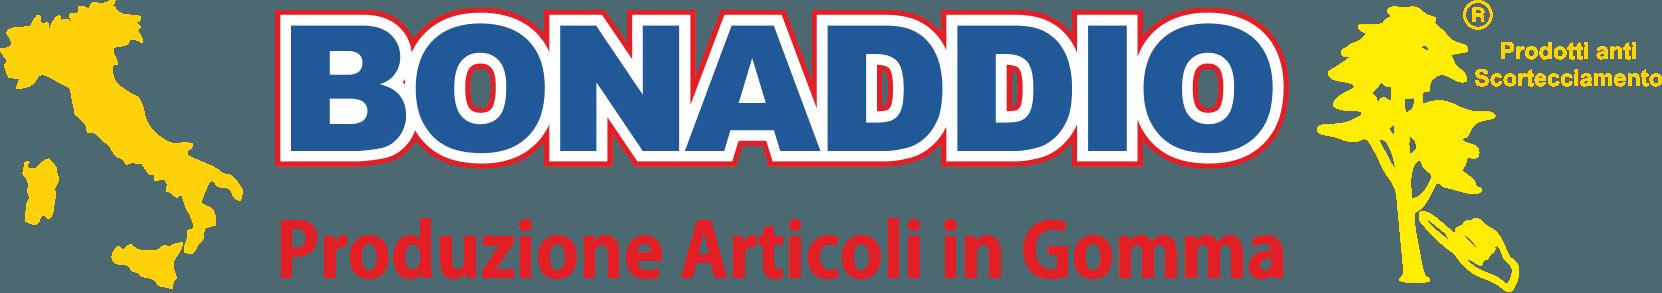 Bonaddio articoli in gomma-logo